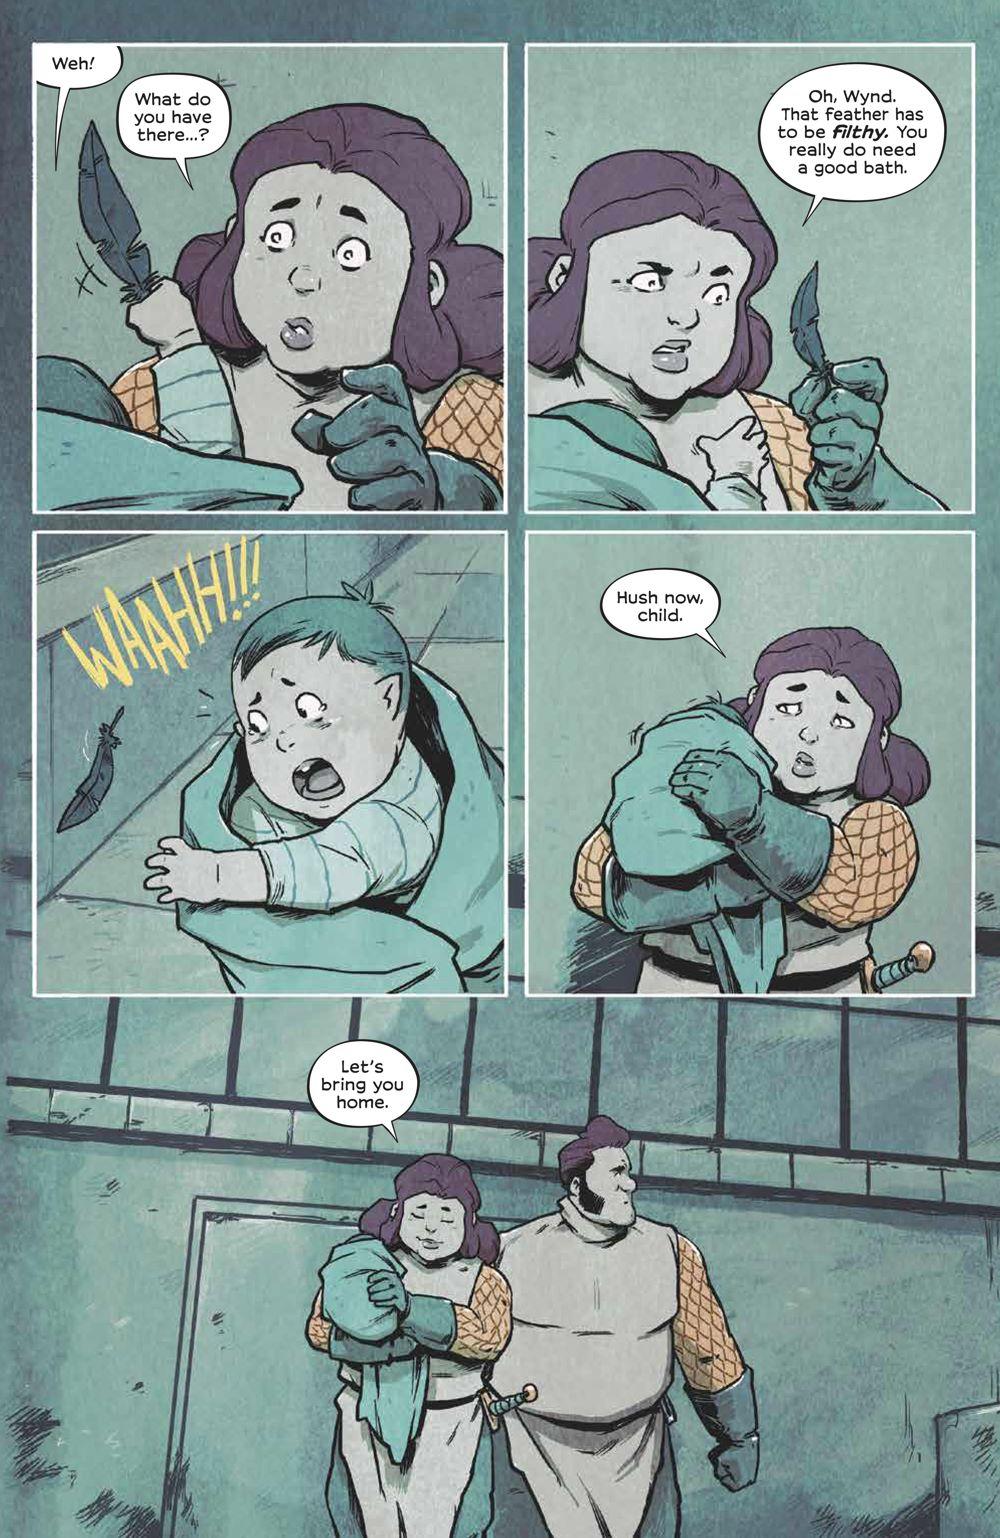 Wynd_006_PRESS_7 ComicList Previews: WYND #6 (OF 5)